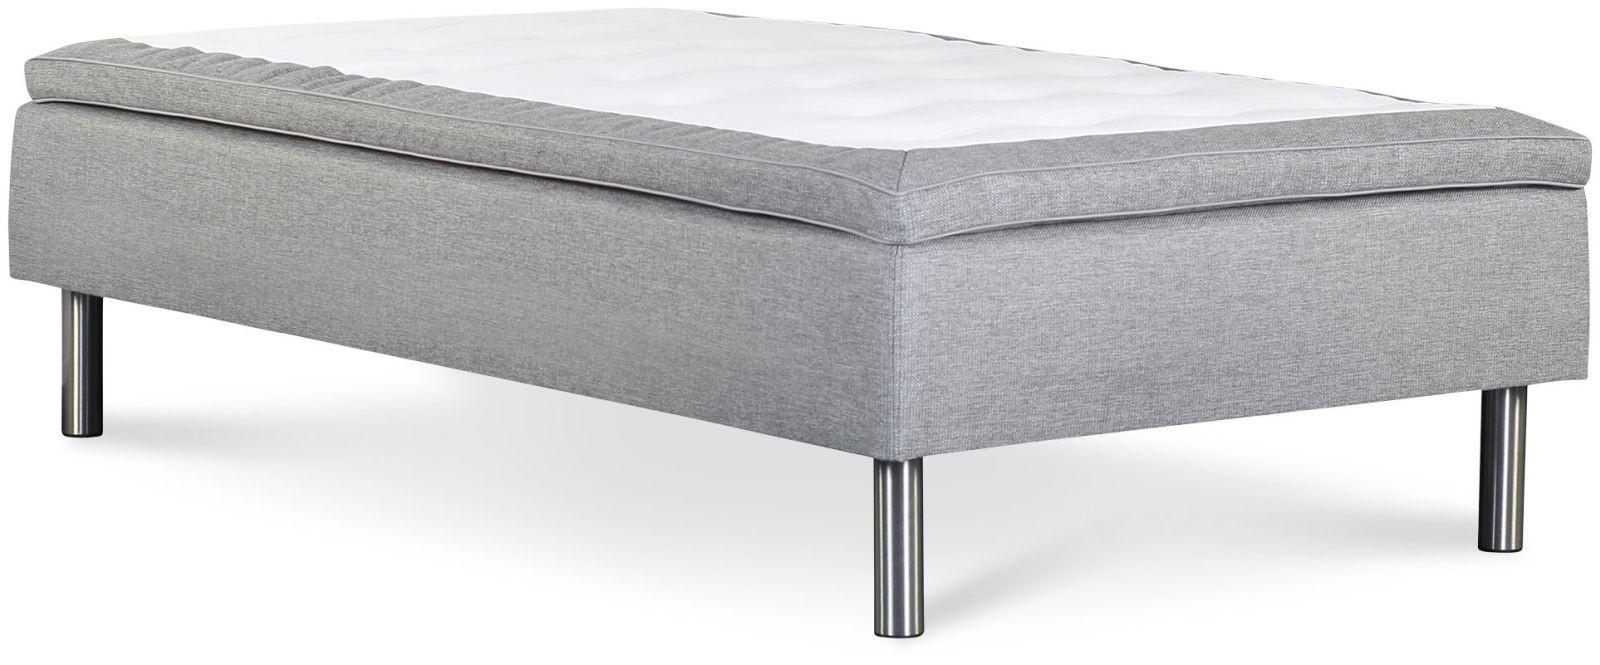 Łóżko Iceland 90x200 (jasny szary)